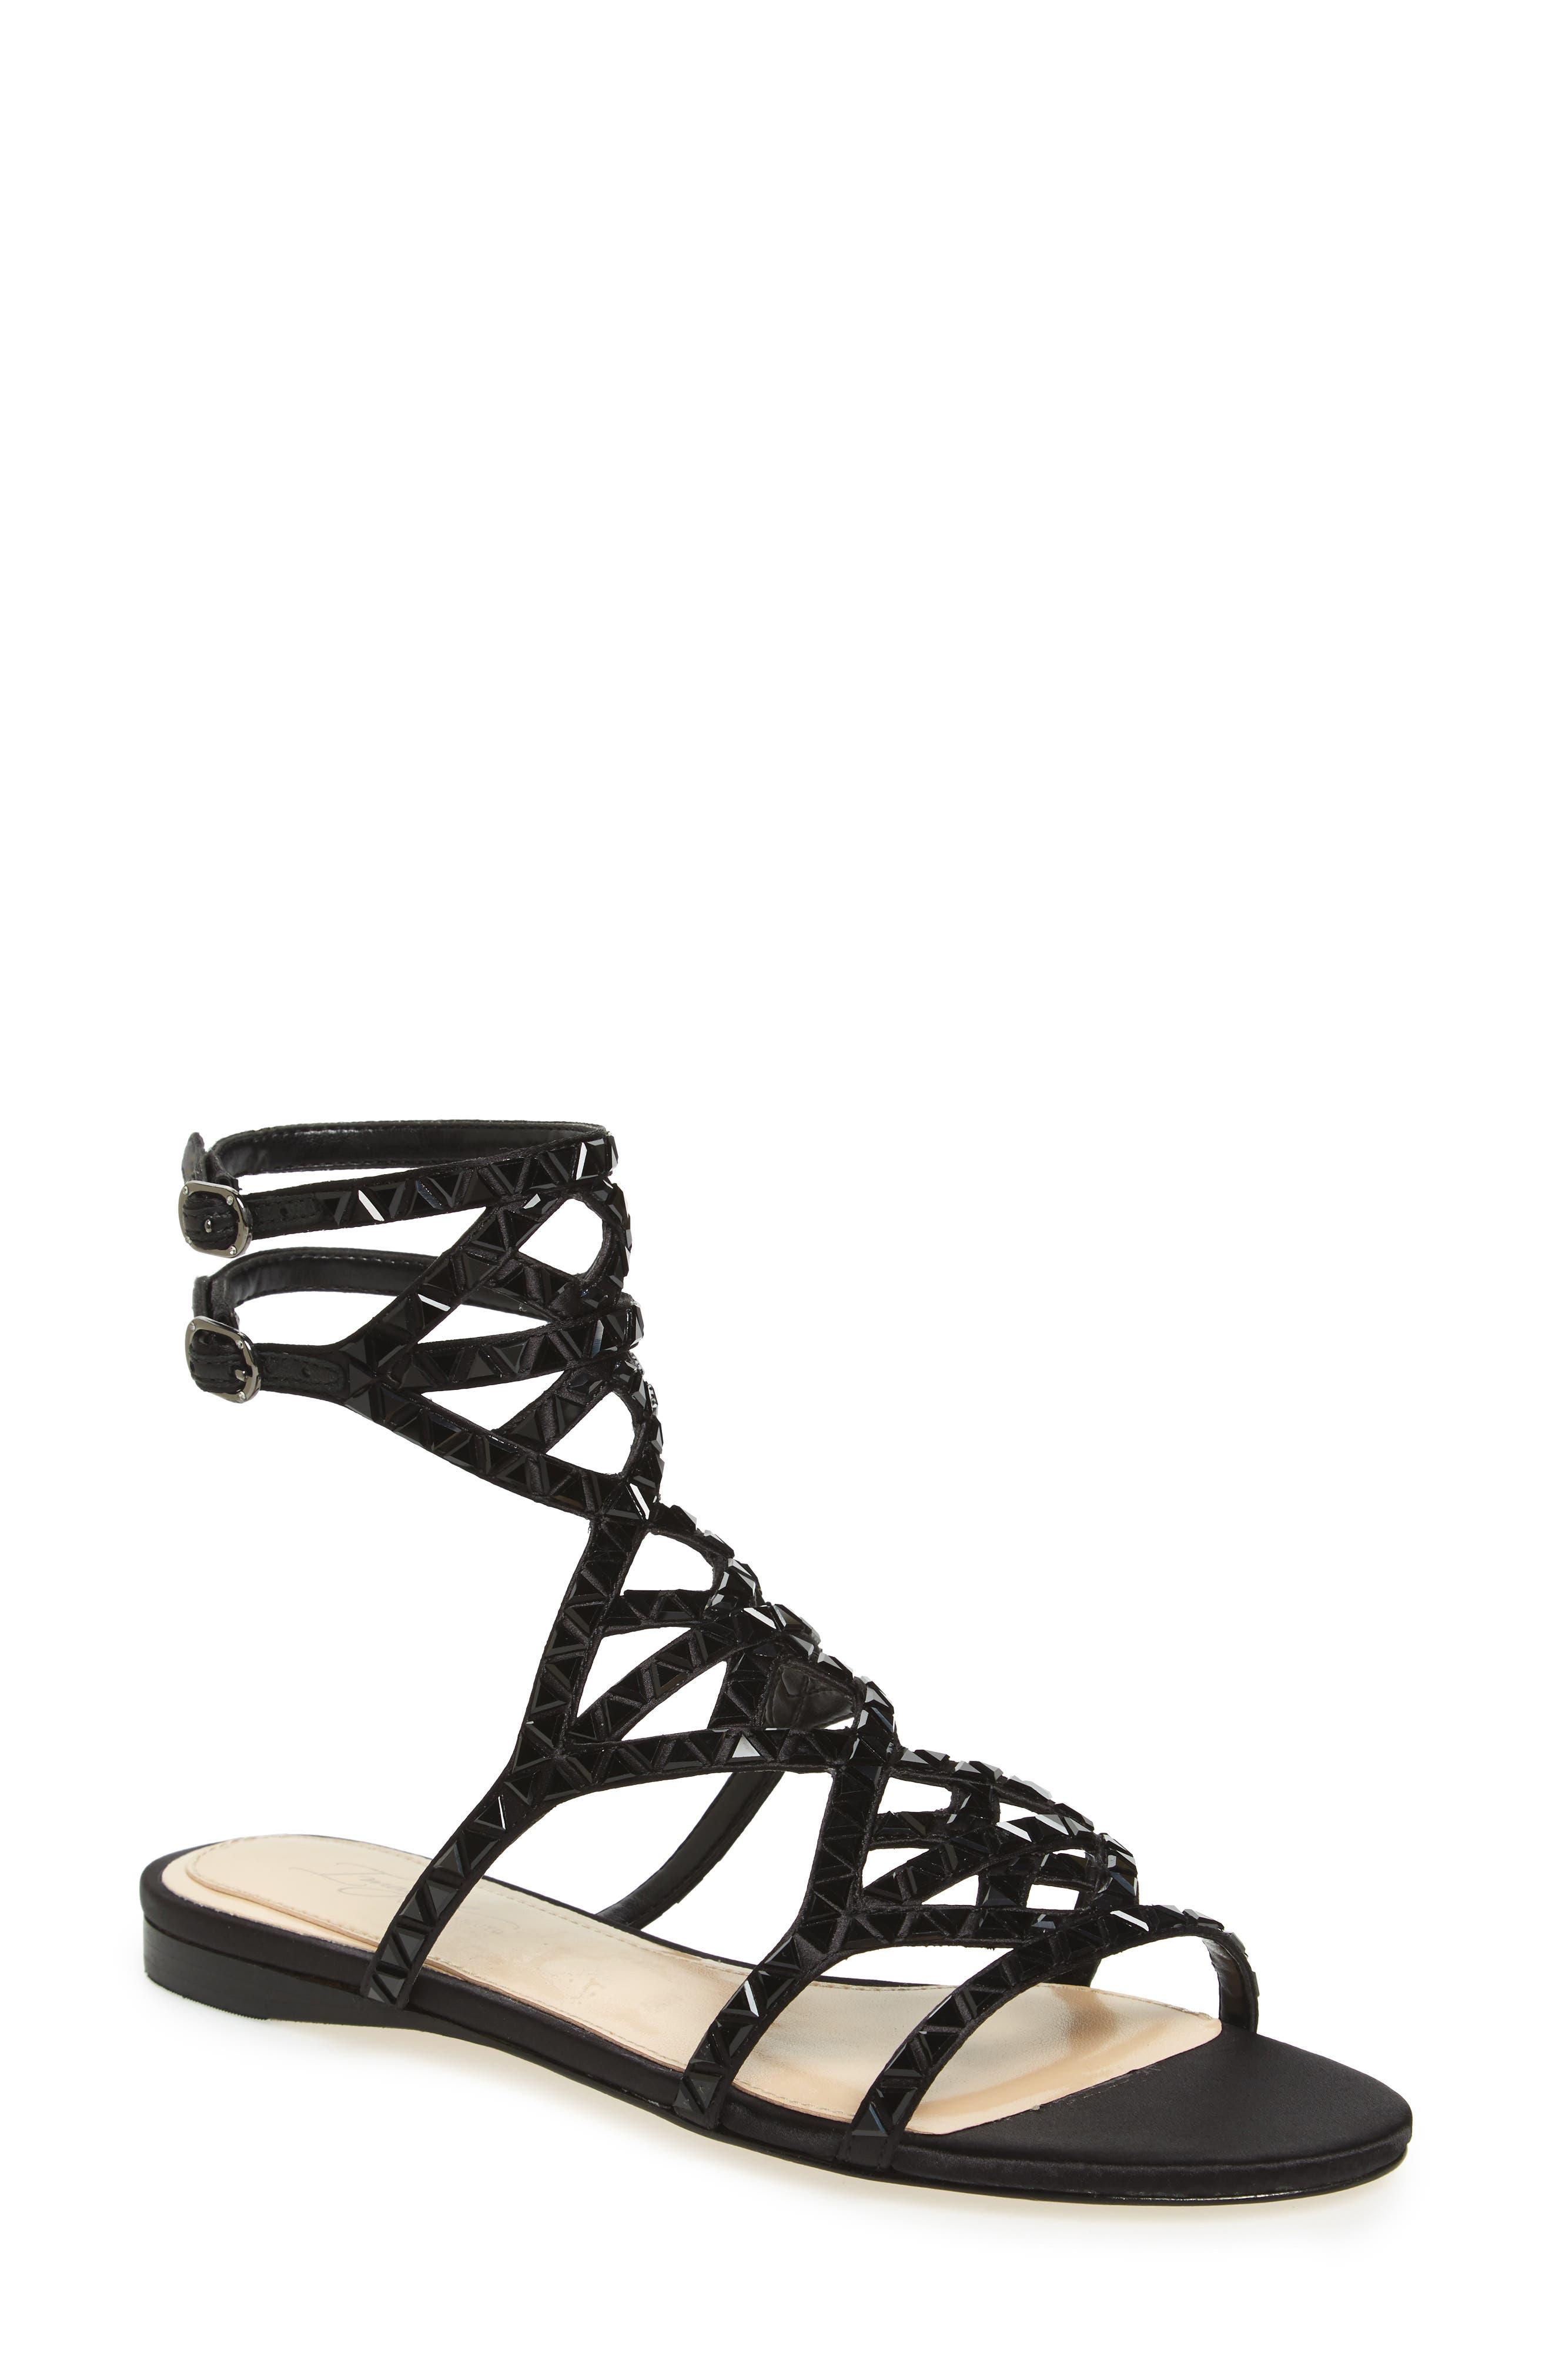 Alternate Image 1 Selected - Imagine Vince Camuto Rettle Embellished Sandal (Women)